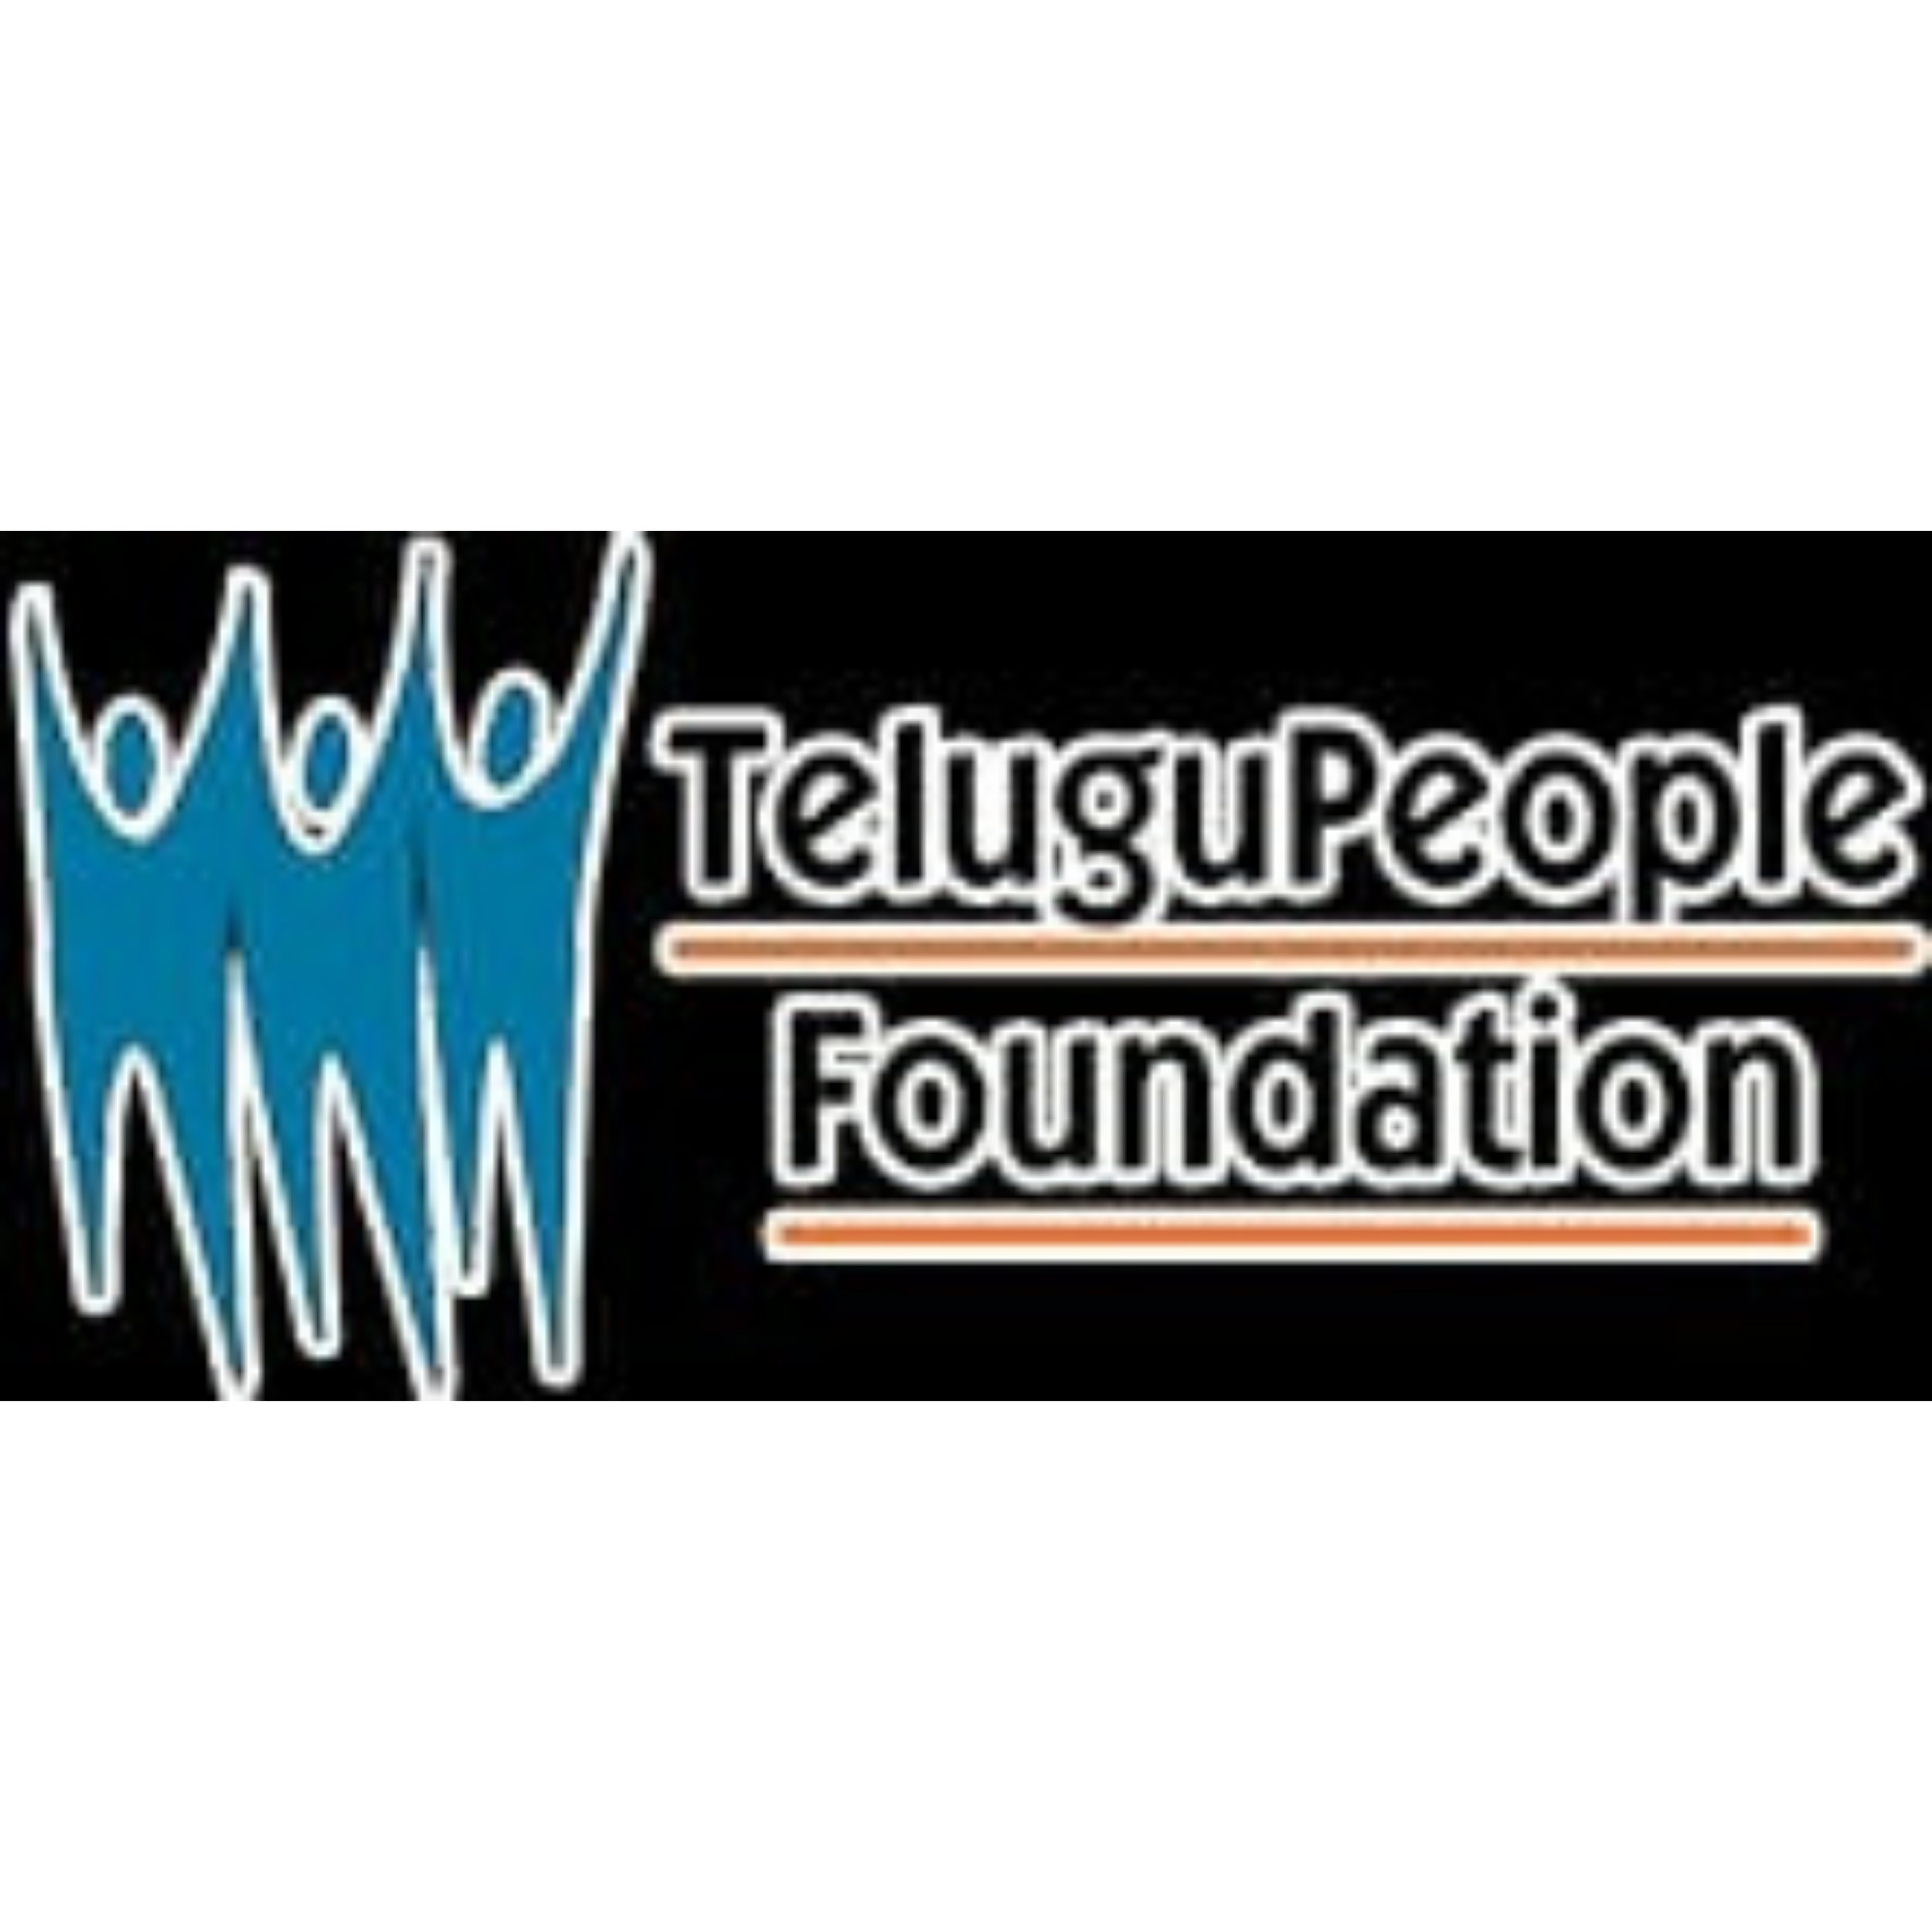 Telugu People Foundation